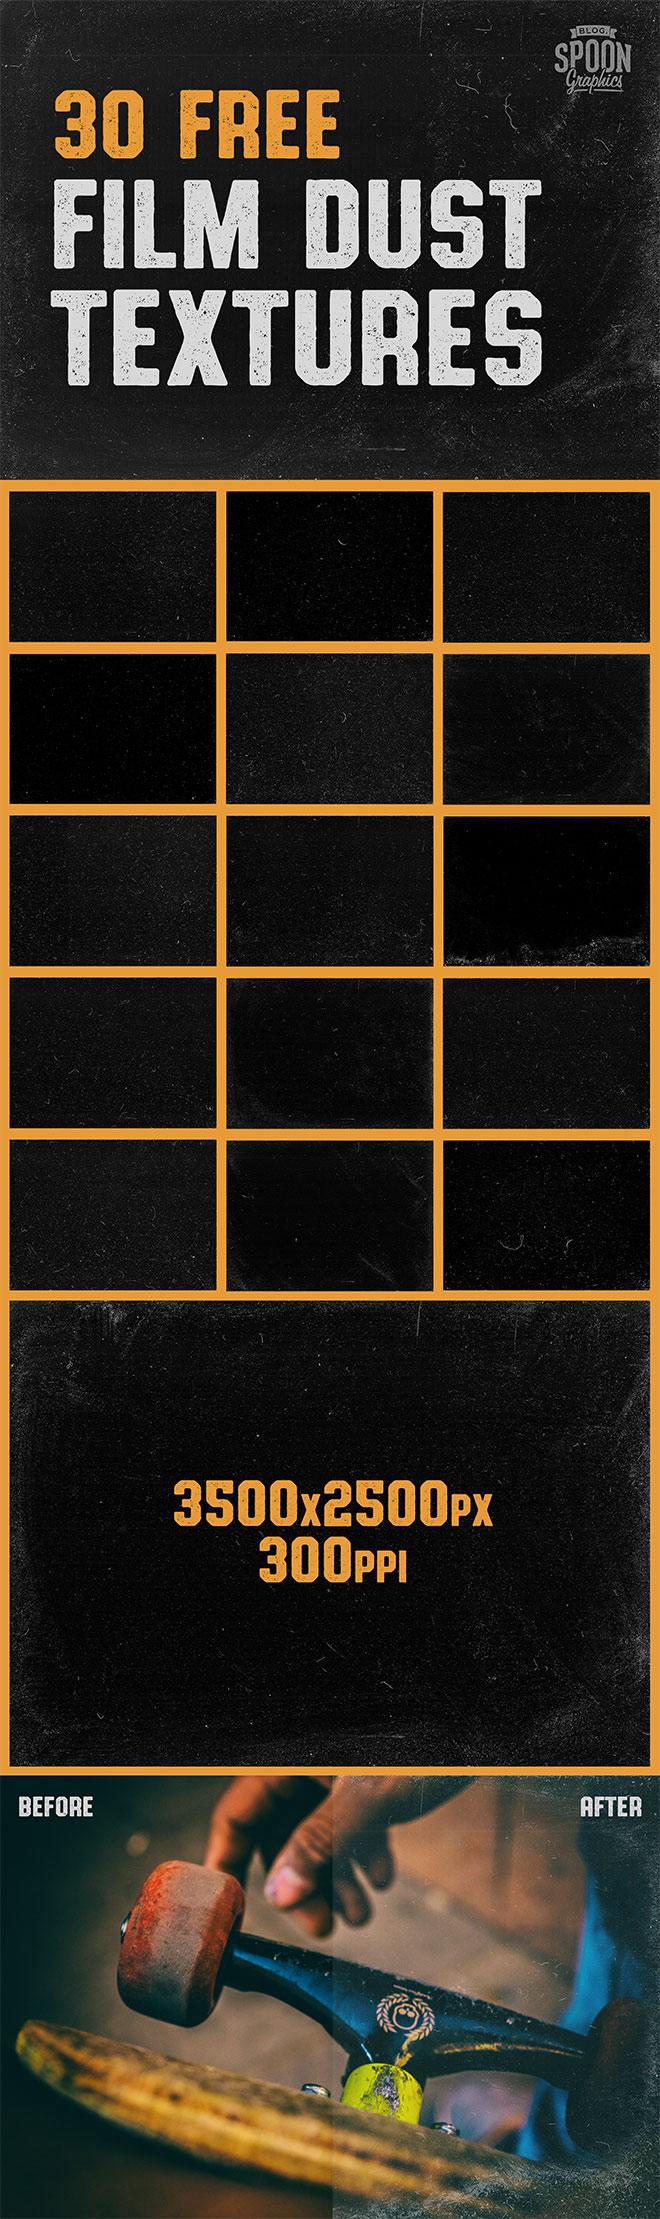 30种超高清旧胶片颗粒纹理、旧照片风格的背景PS素材(JPG格式,请使正片叠底效果)